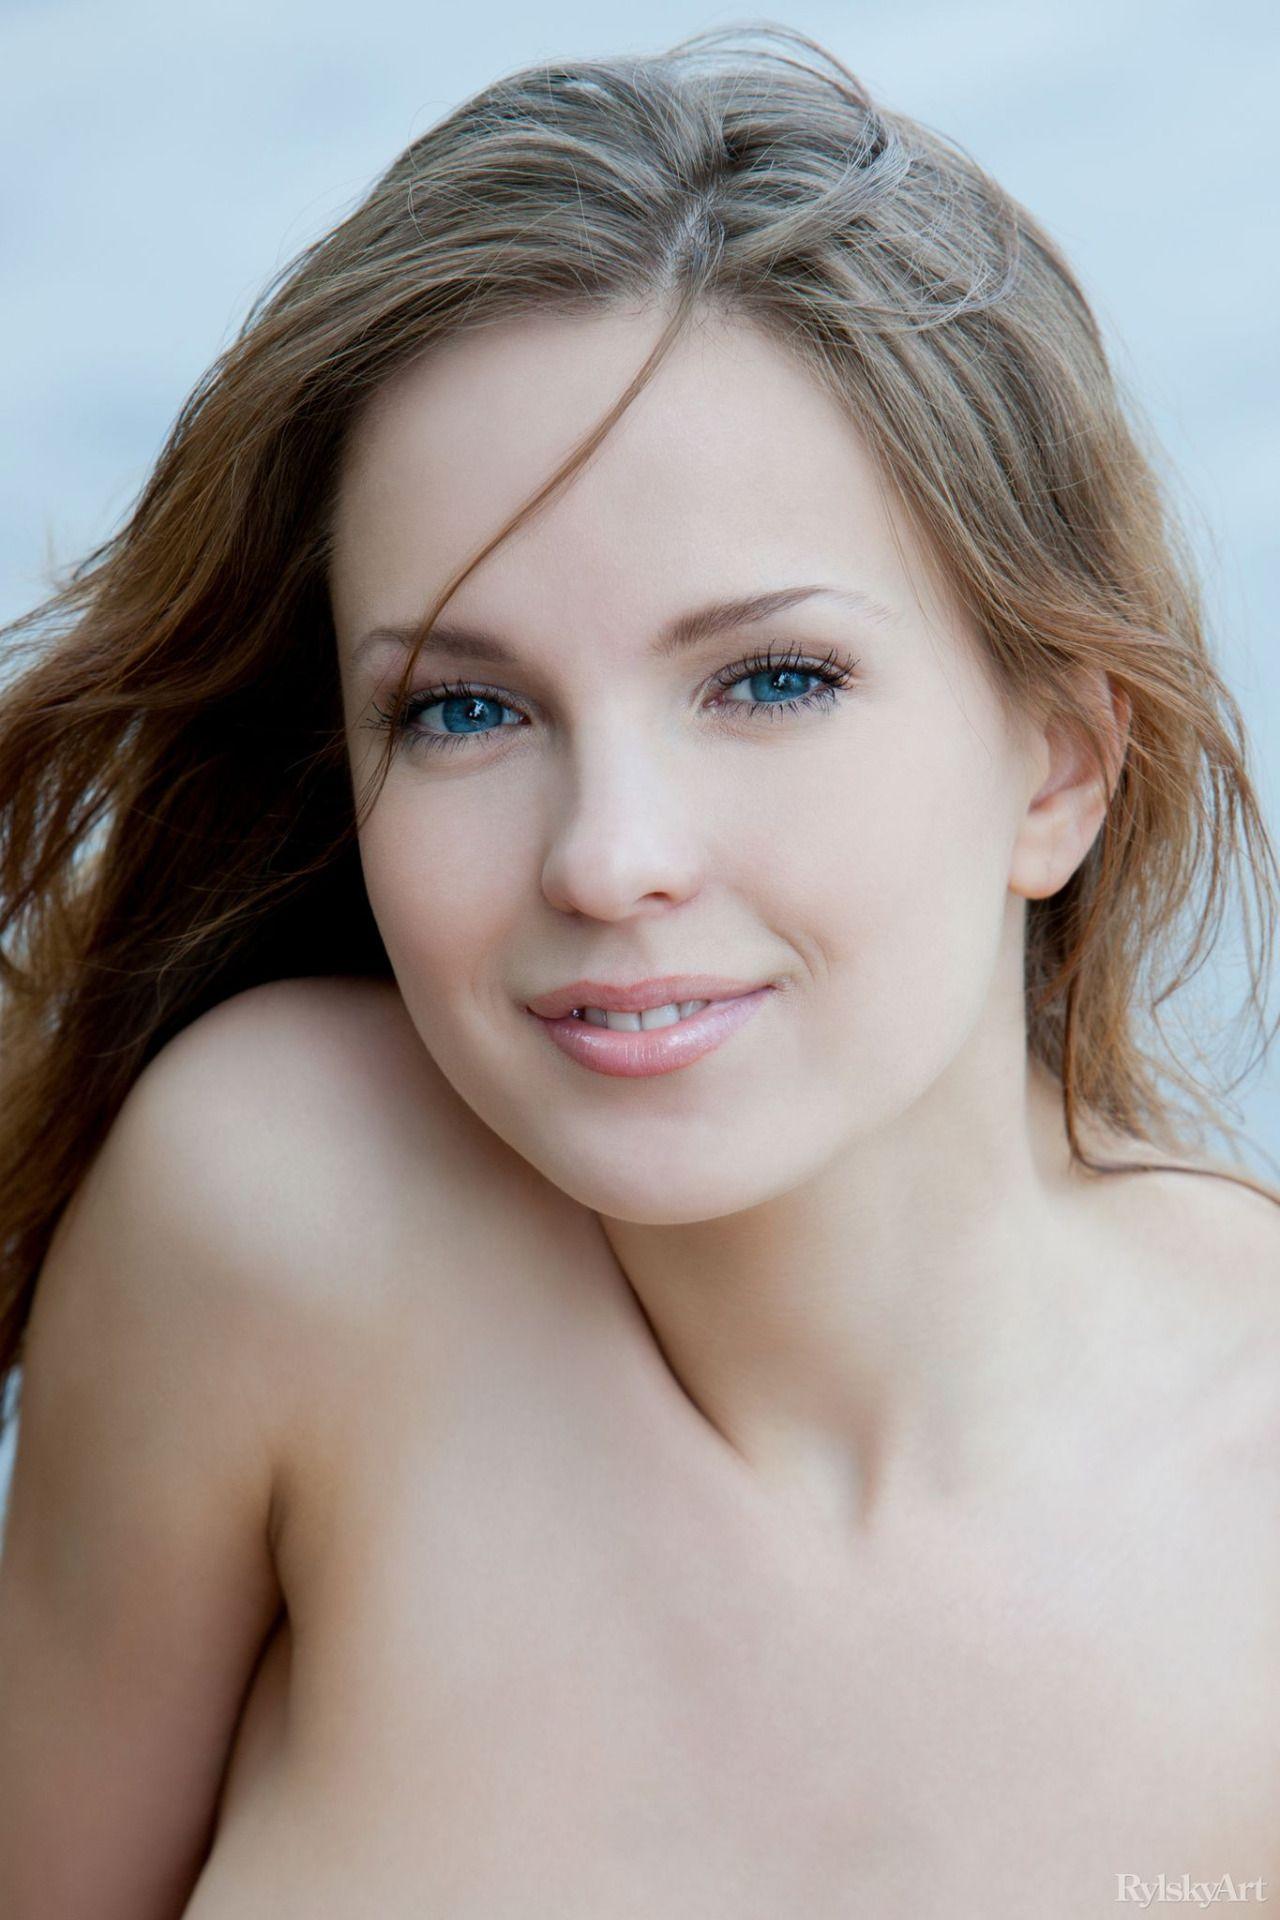 Pretty face porn